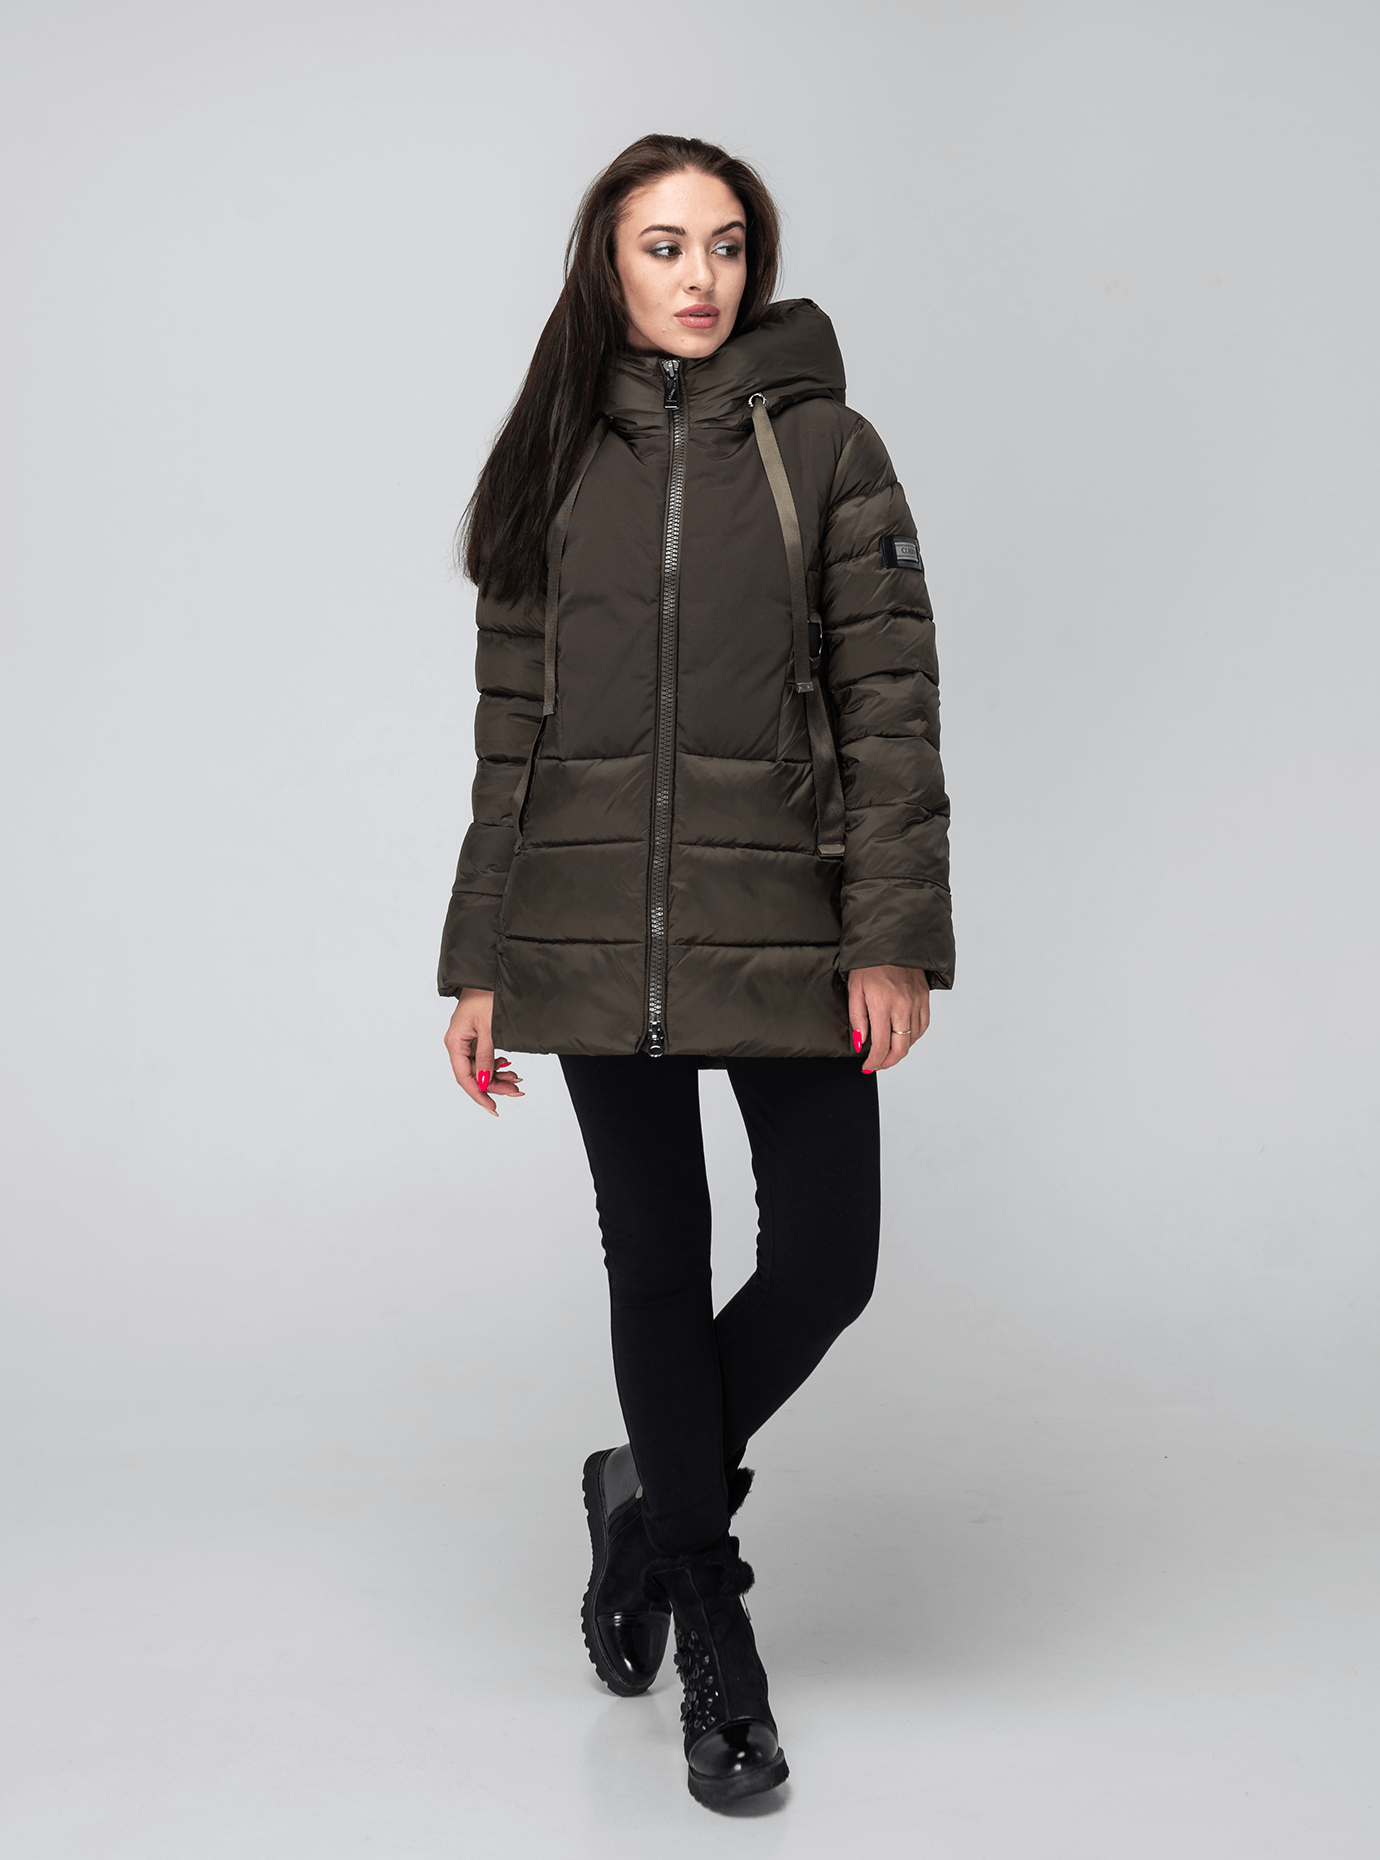 Зимняя женская куртка Хаки 2XL (02-190177): фото - Alster.ua